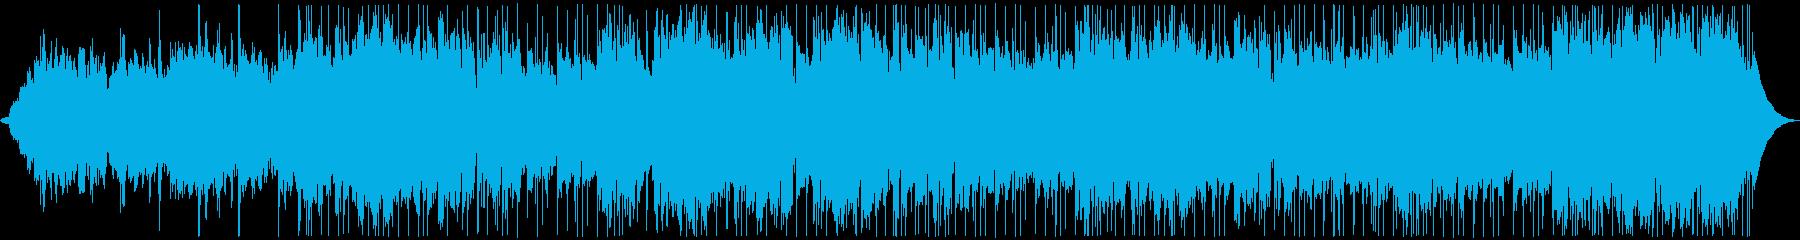 テクノ感のあるホラーテイストなBGMの再生済みの波形